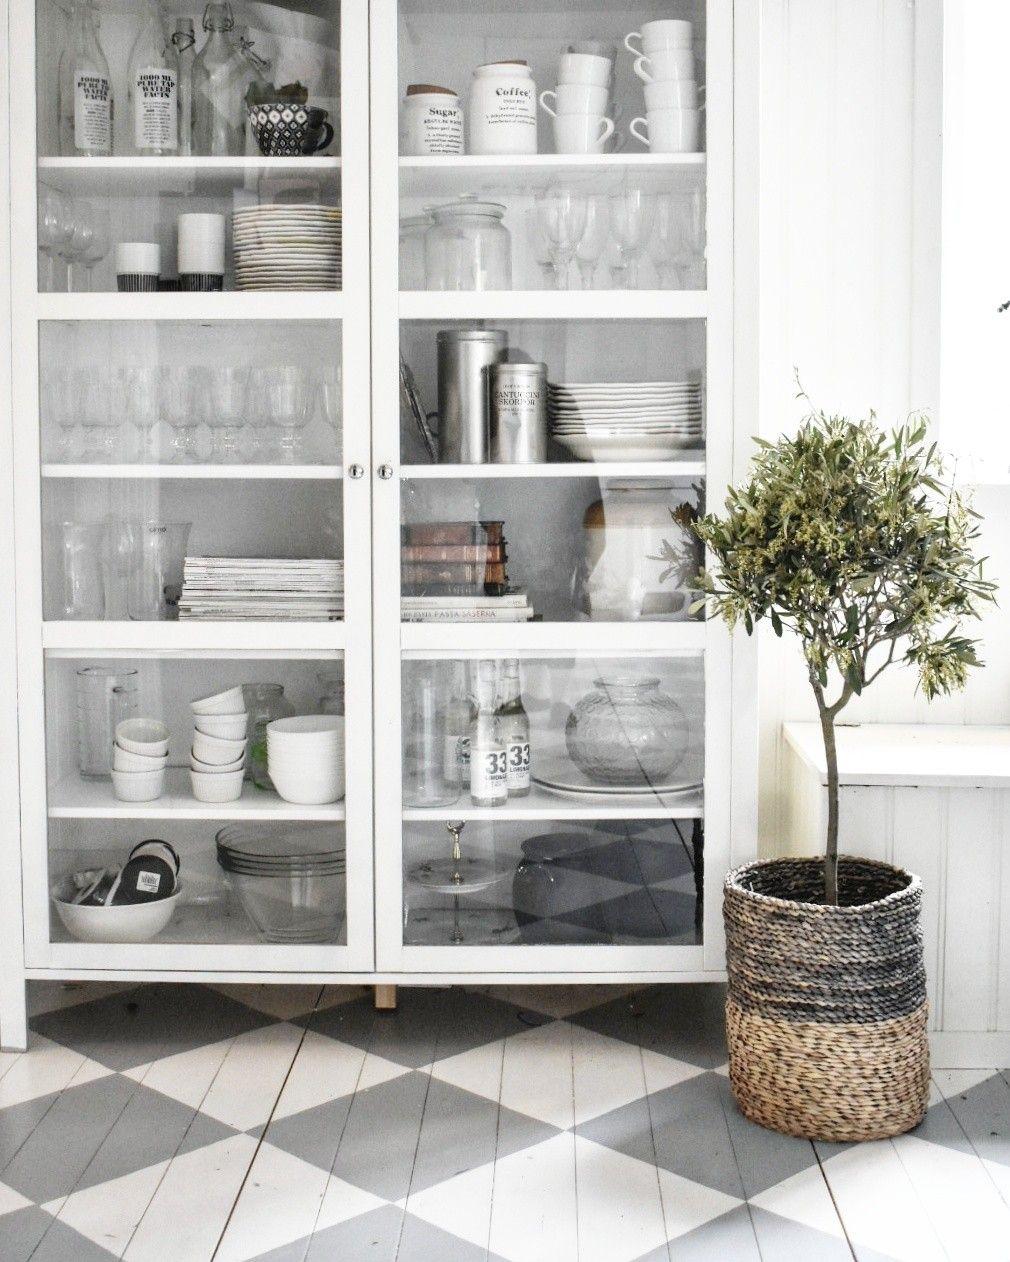 Ikea björksnäs @tessjohansen vitrinskåp.. | Kitchen Interior Ideas ...